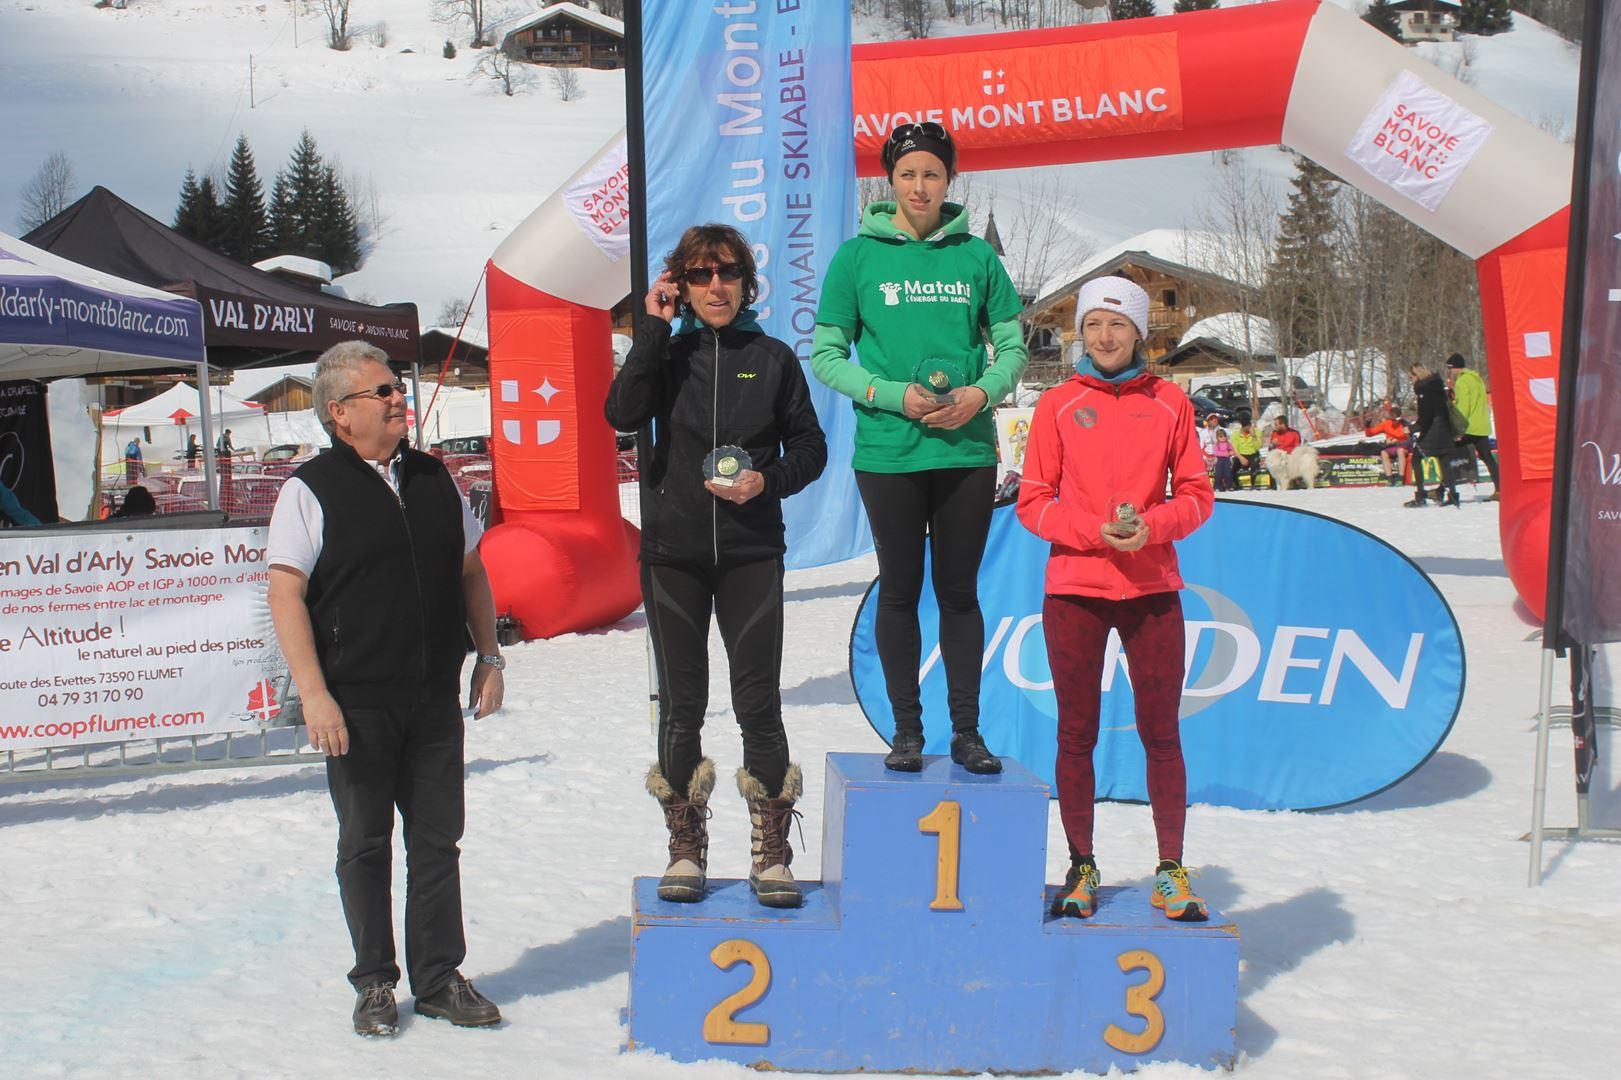 podium femmes du 12km 1 - RESULTATS PHOTOS ET COMPTE RENDU DU 9EME ARAVIS SNOW TRAIL (La Giettaz73) 25-03-2018